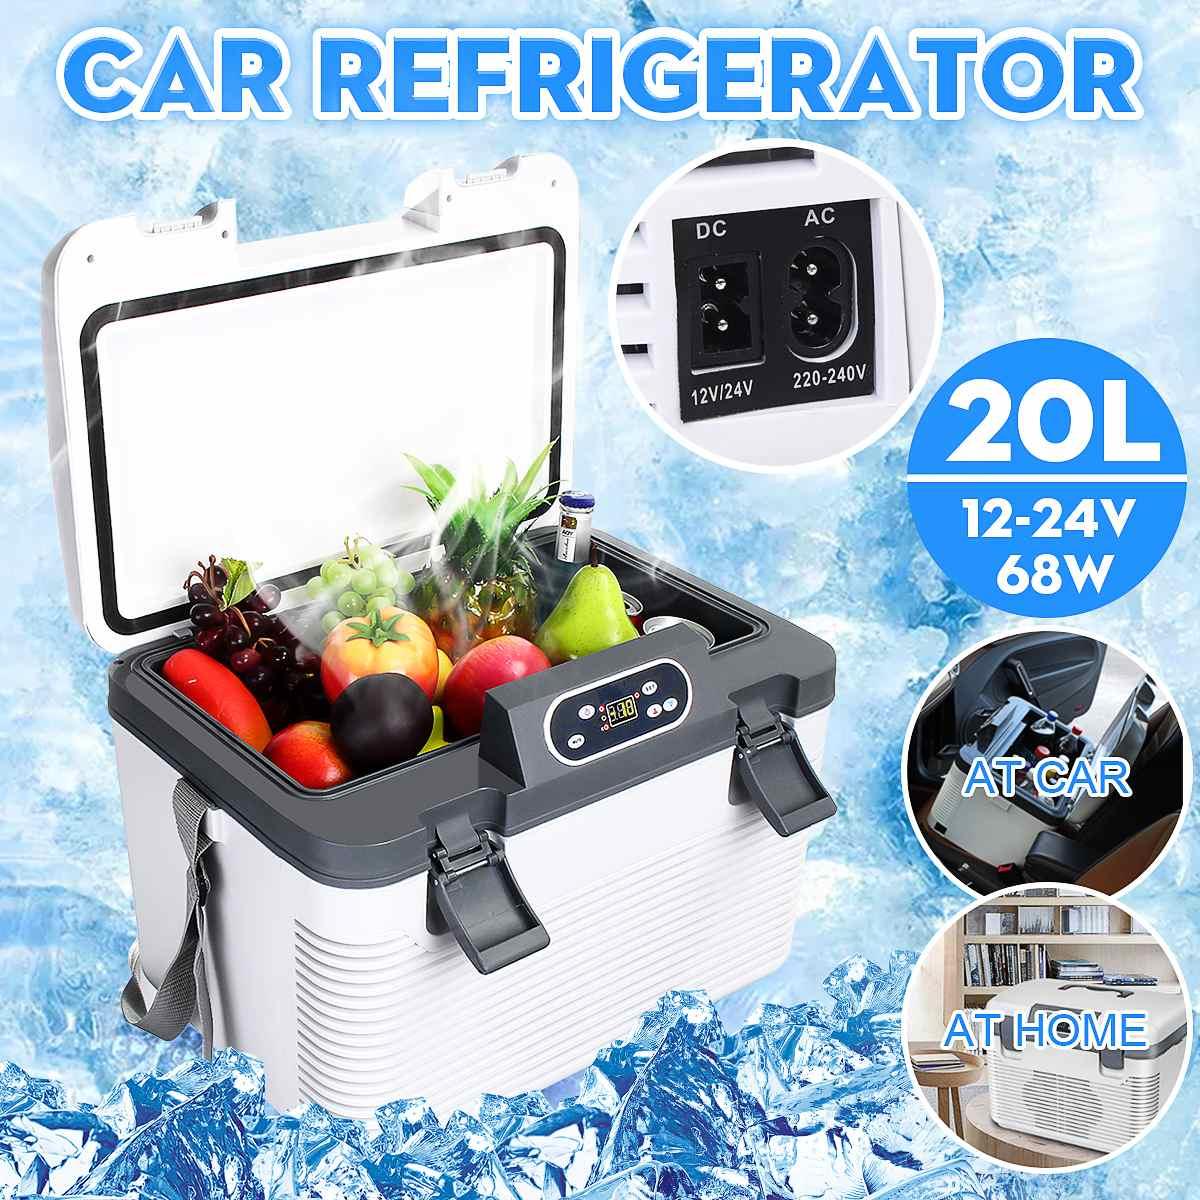 Compresseur de réfrigérateur pour voiture, 20l,-5 ~ 65 degrés, pour maison, pique-nique